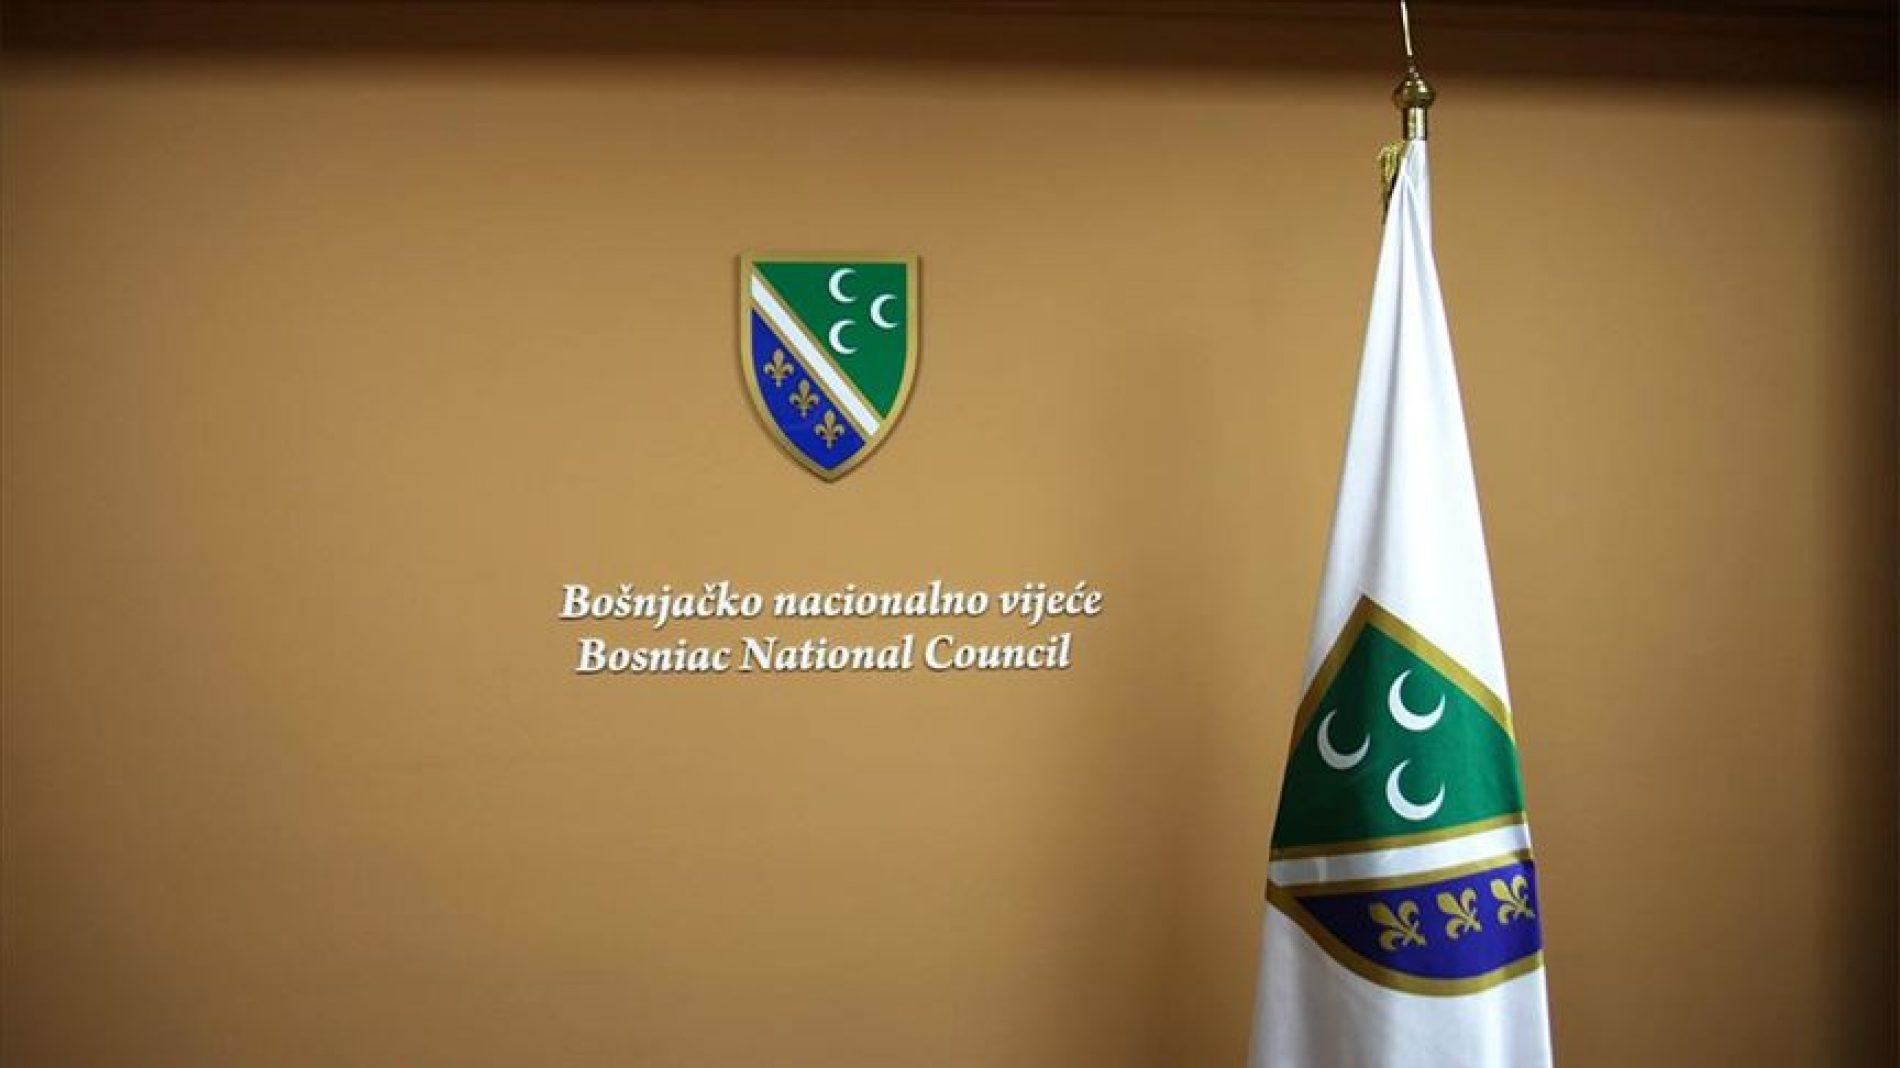 Državnim organima Srbije i Crne Gore upućen zahtjev za uspostavljanje specijalnog statusa za Sandžak